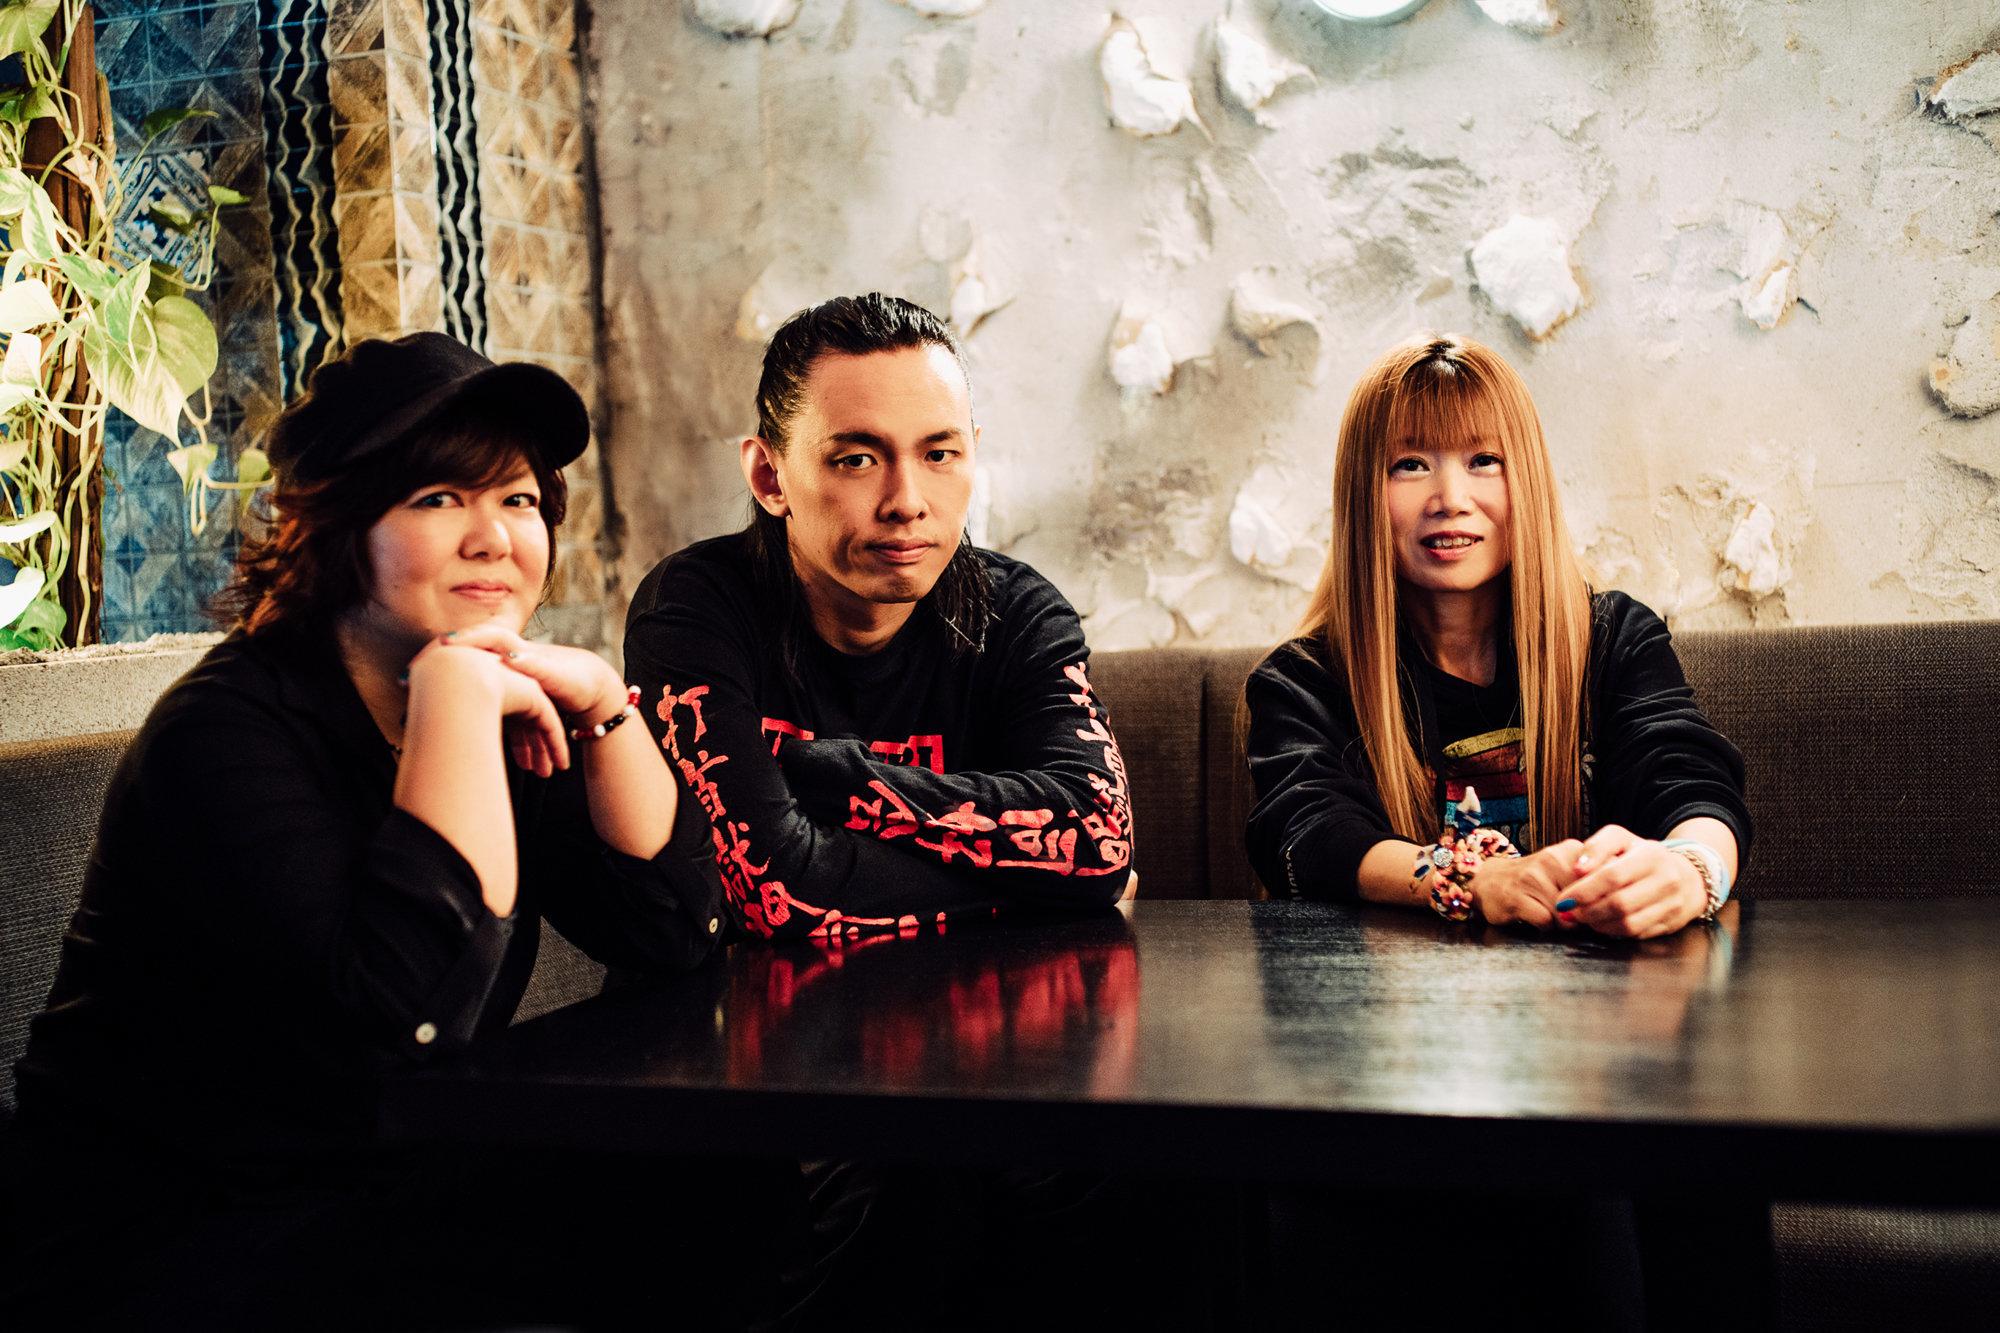 打首獄門同好会:大澤敦史(ギター・ヴォーカル、中央)、河本あす香(ドラム・ヴォーカル、左)、junko(ベース・ヴォーカル、右)